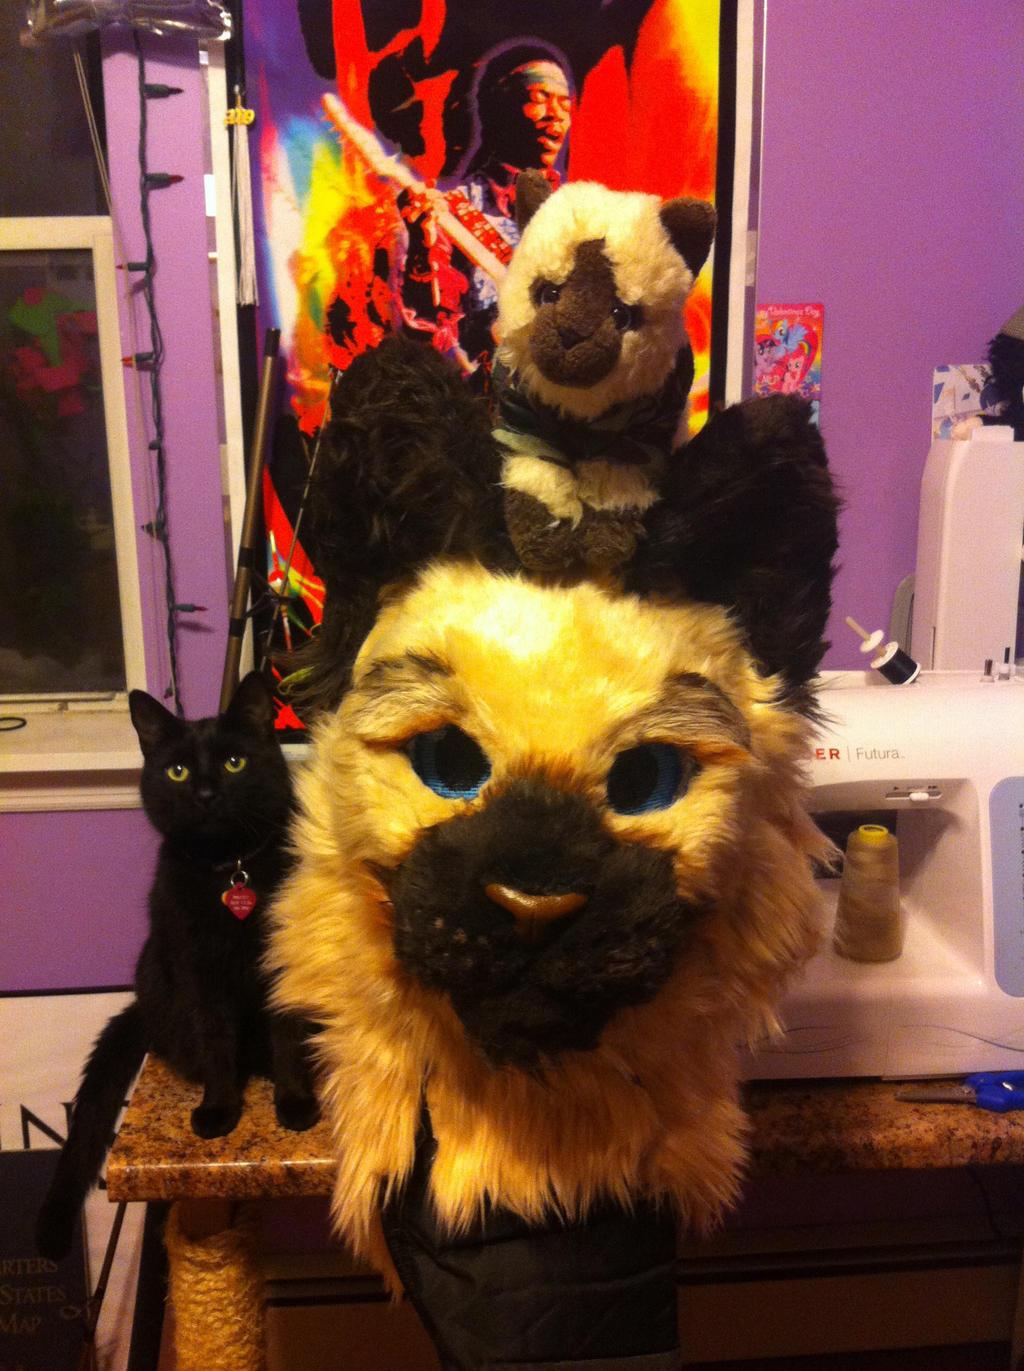 Meow Meow Meow by KonekoKaburagi